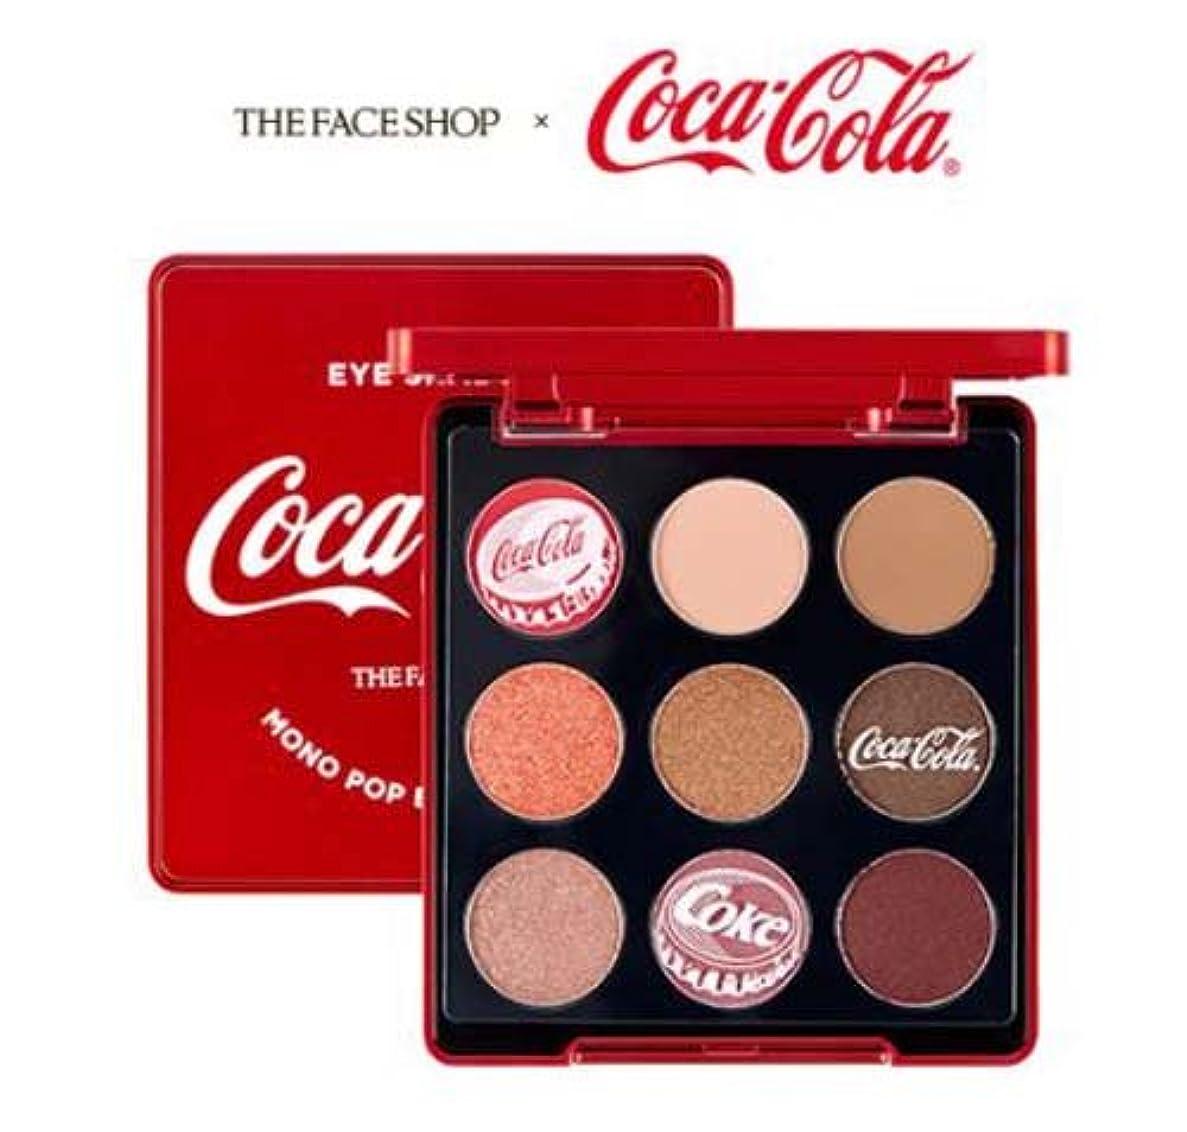 二十所得先祖[ザ?フェイスショップ] THE FACE SHOP [モノ ポップ アイズ シャドーパレット(9色) - コカ?コーラ限定版] (Mono Pop Eyes - Coca Cola Edition) [海外直送品]